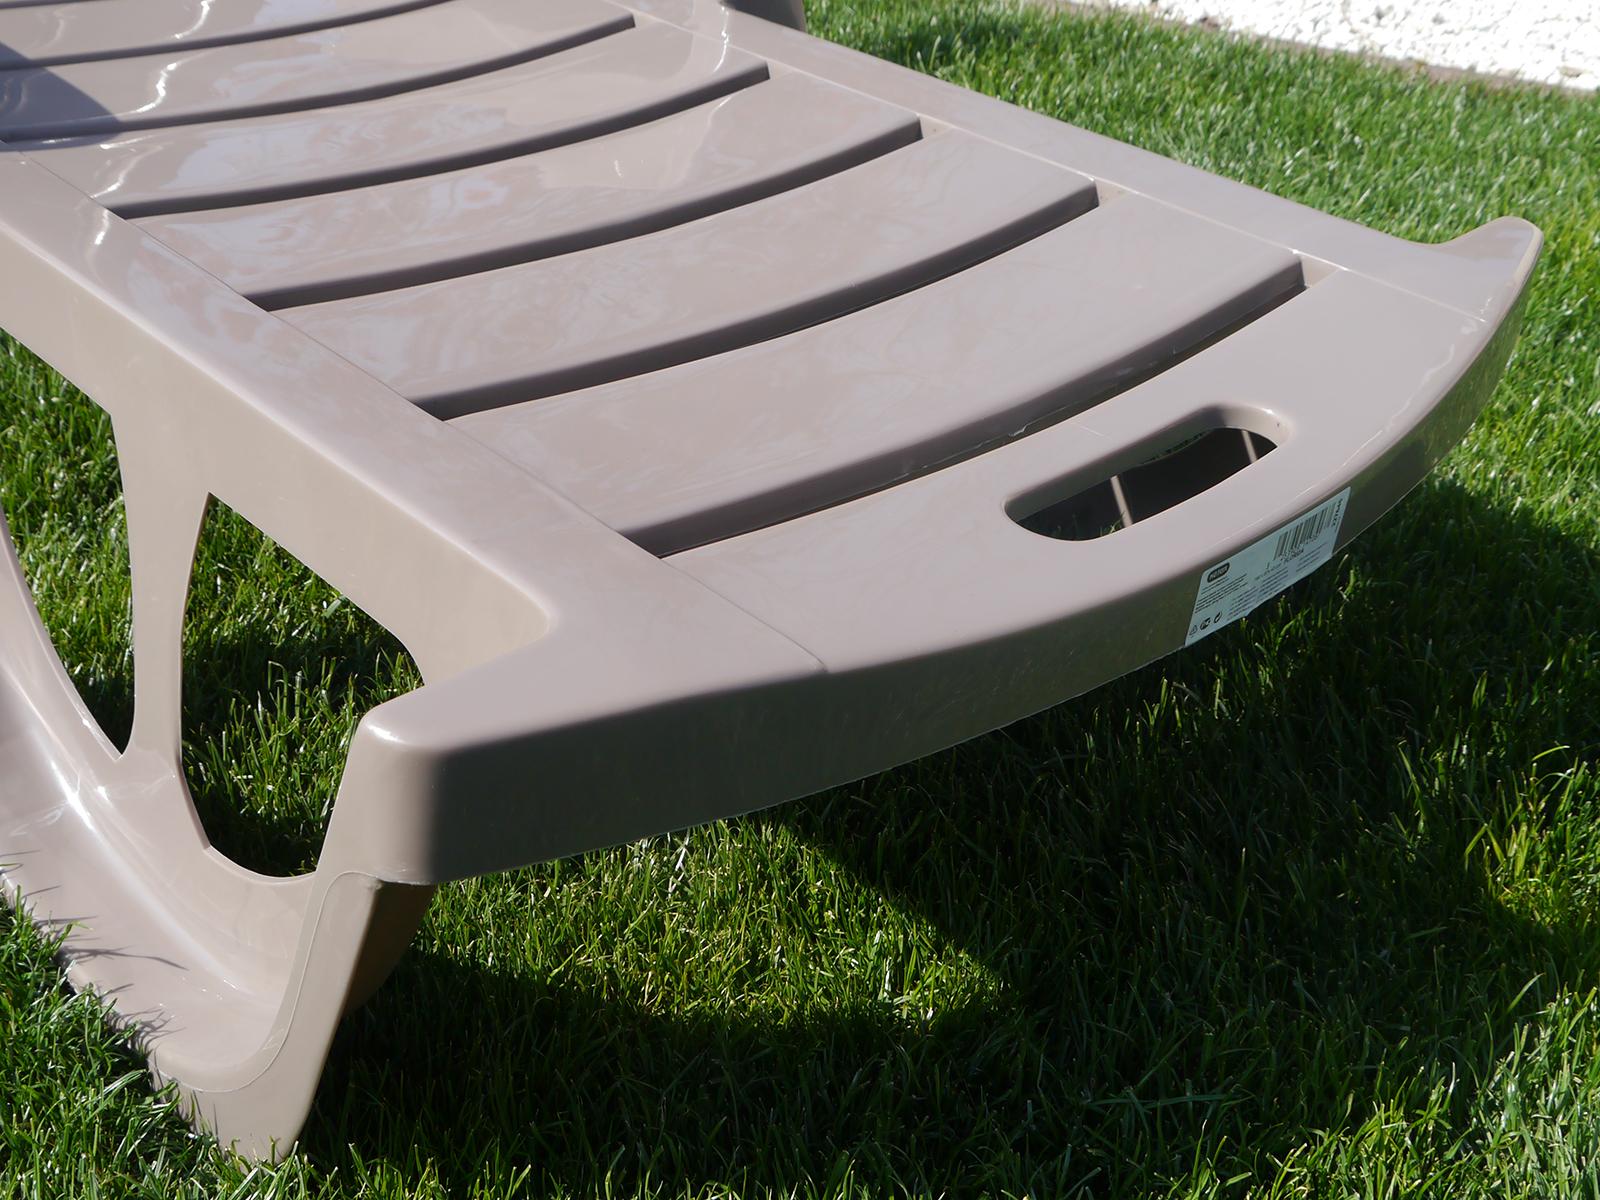 A Keter kerti bútorok tartós műanyagból készülnek, melyek felülete könnyen tisztítható.